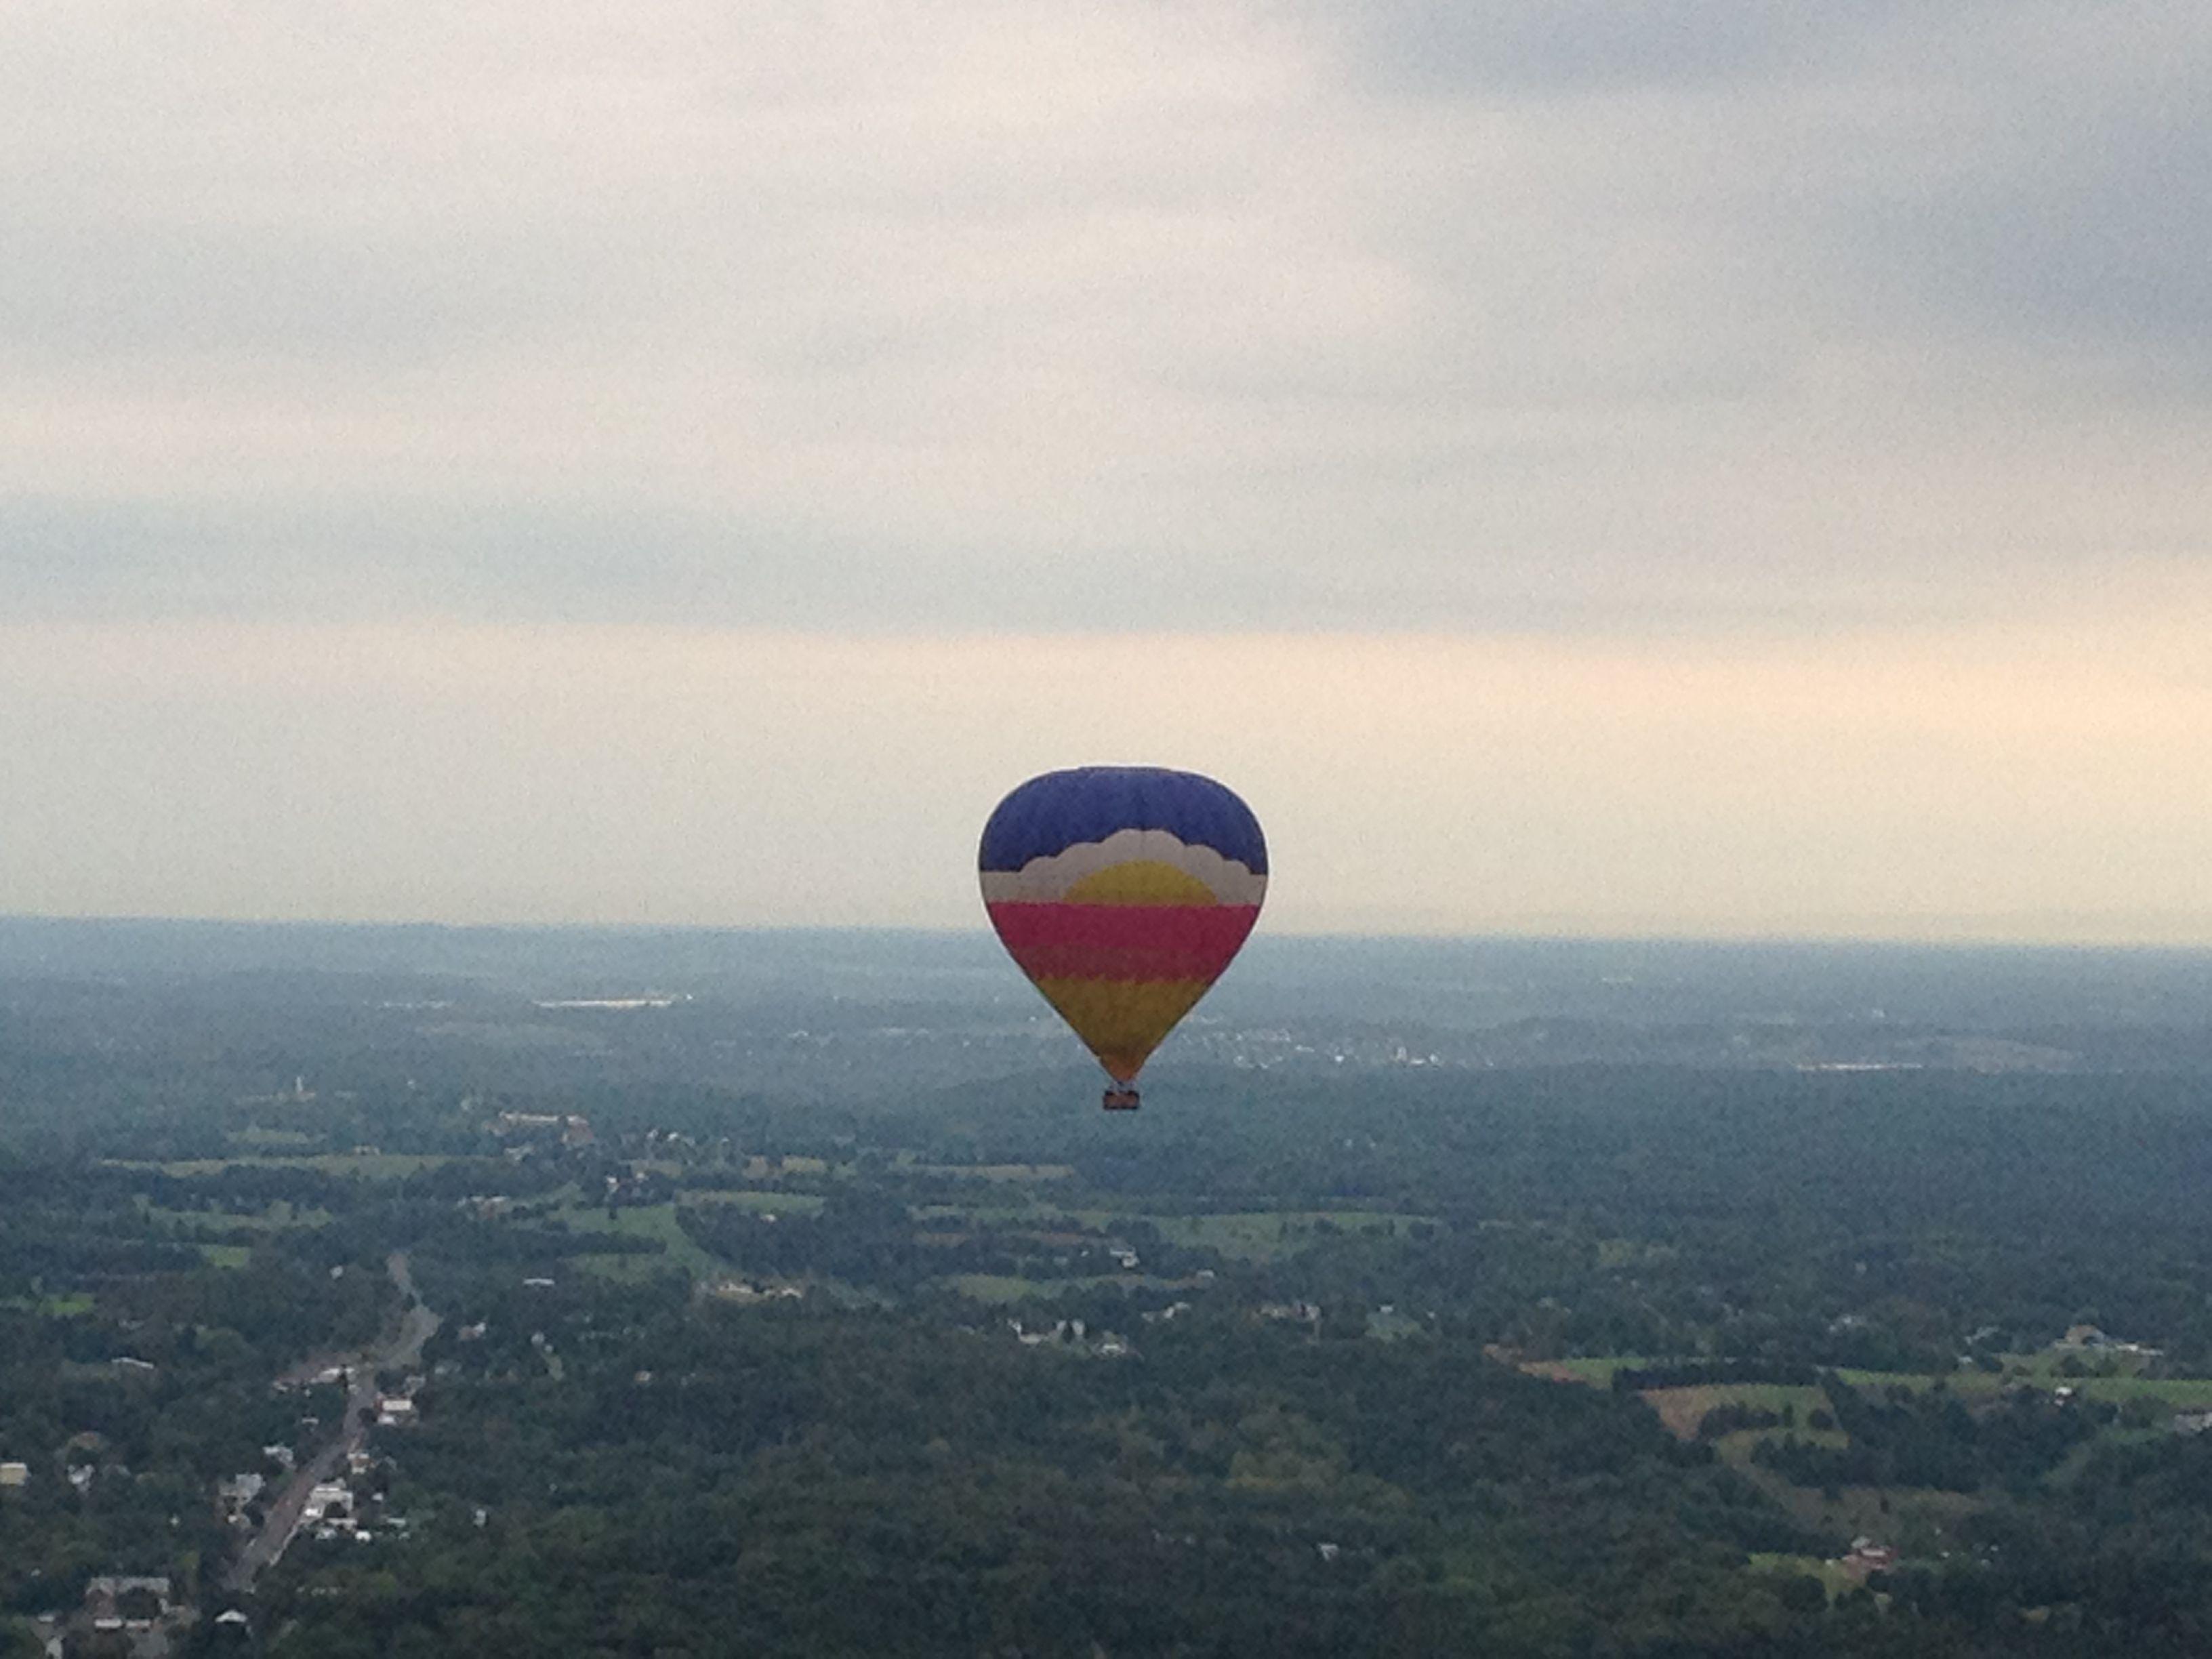 Valley Ballooning in Woodstock, VA